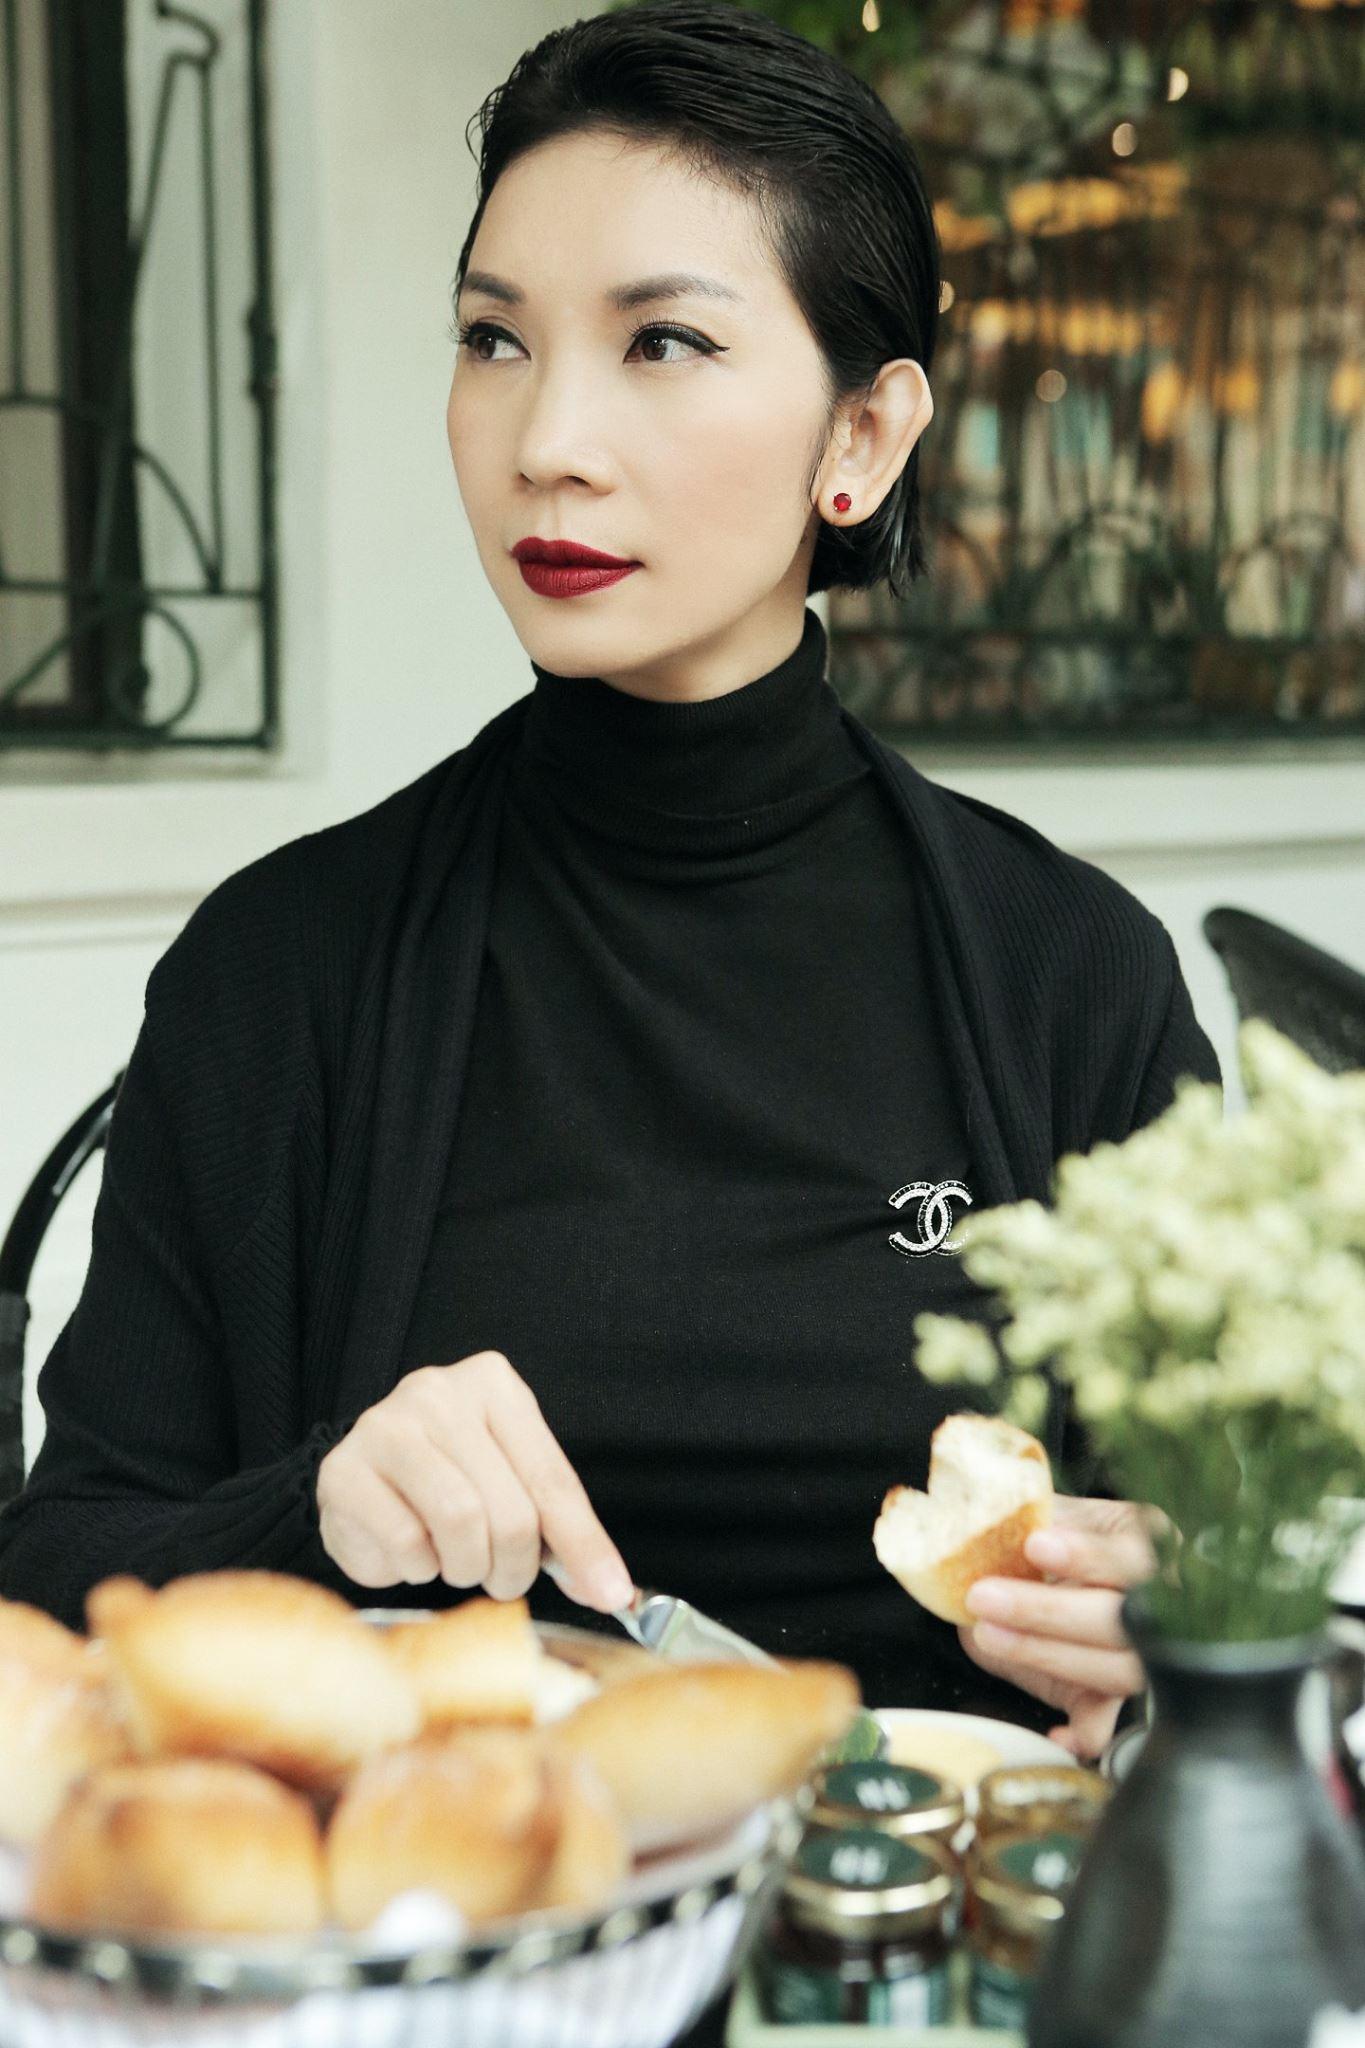 Xuân Lan gây tranh cãi khi chia sẻ MV mới của Ngô Kiến Huy nhưng kèm dòng trạng thái nhắc lại chuyện tình cảm của chàng ca sĩ.